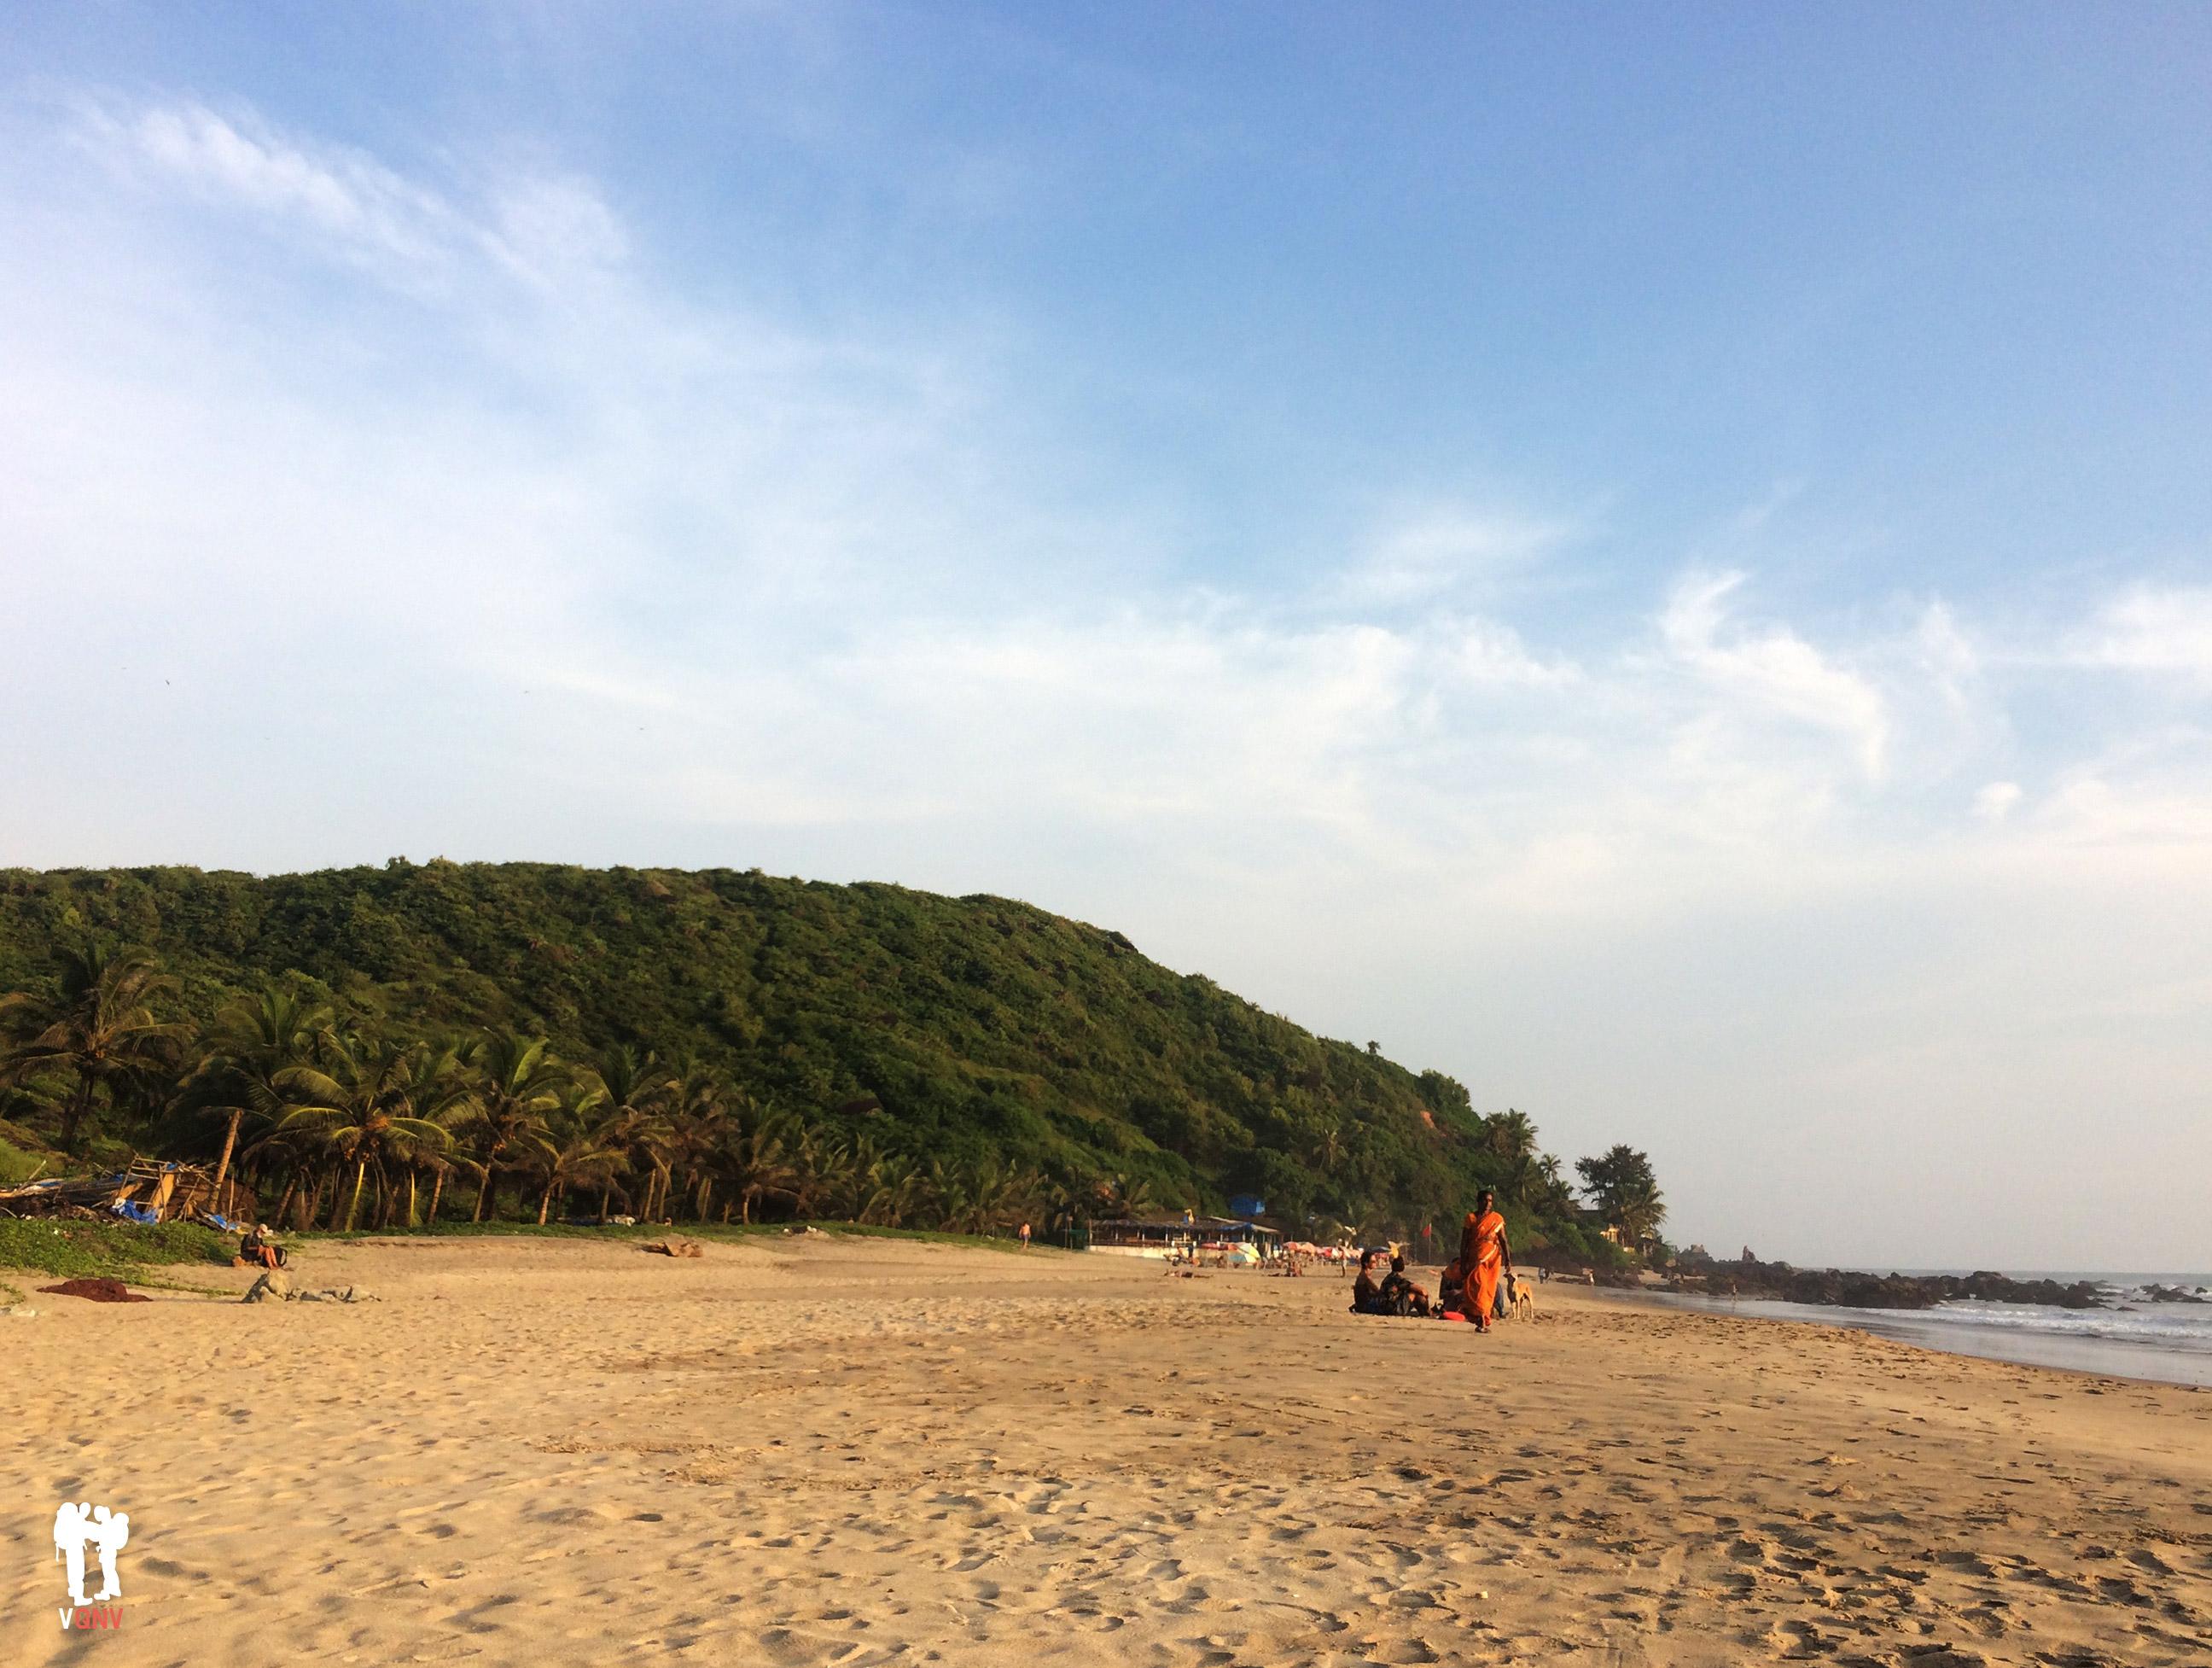 Playa de Querich